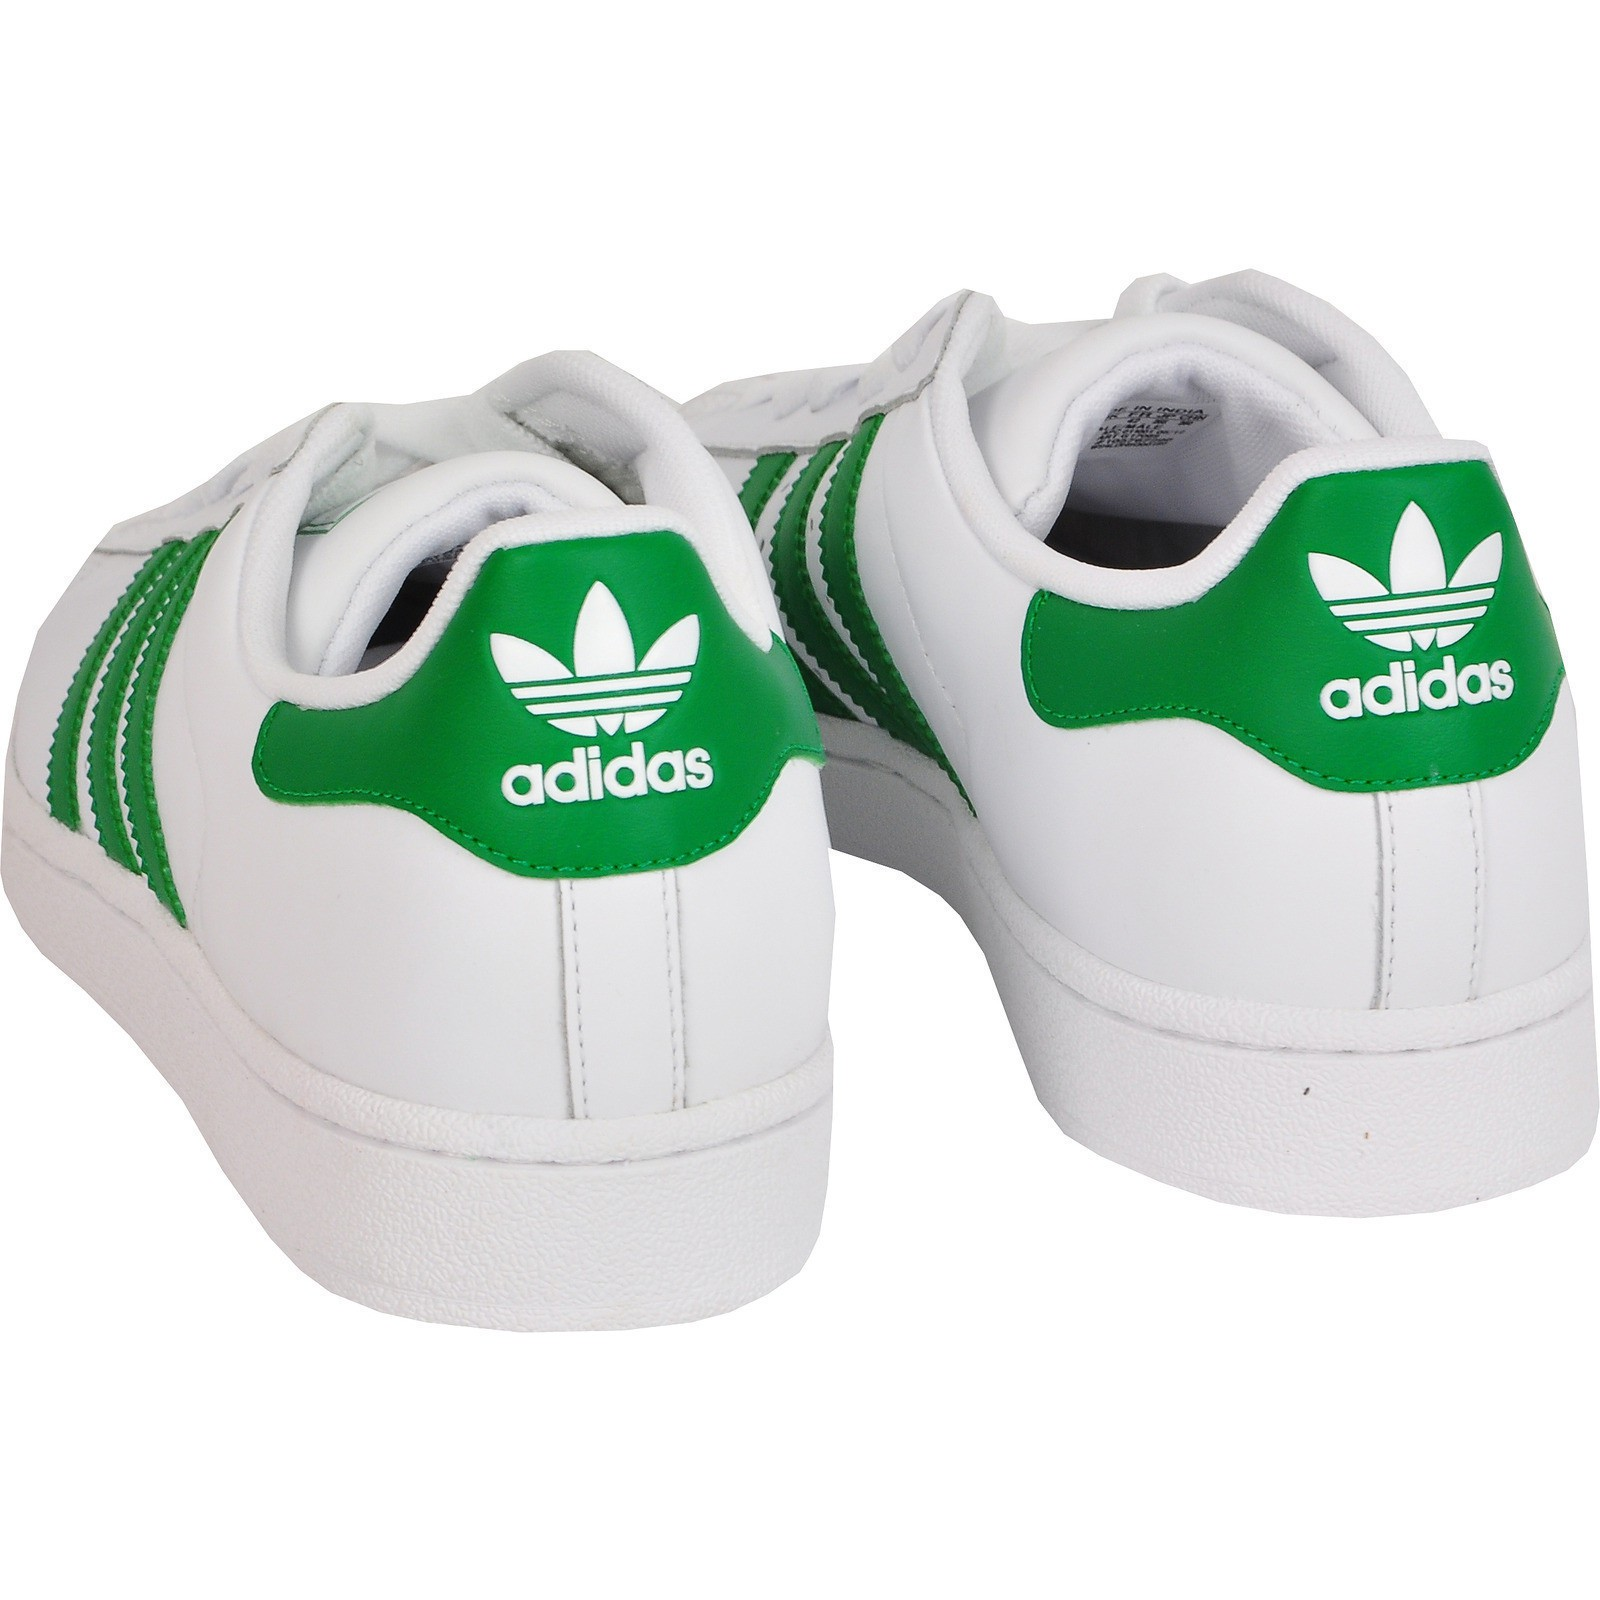 Originals Ii Herren W 2 Adidas Übergrössen Weiss Grün Sneaker Superstar Schuhe bYgy7f6